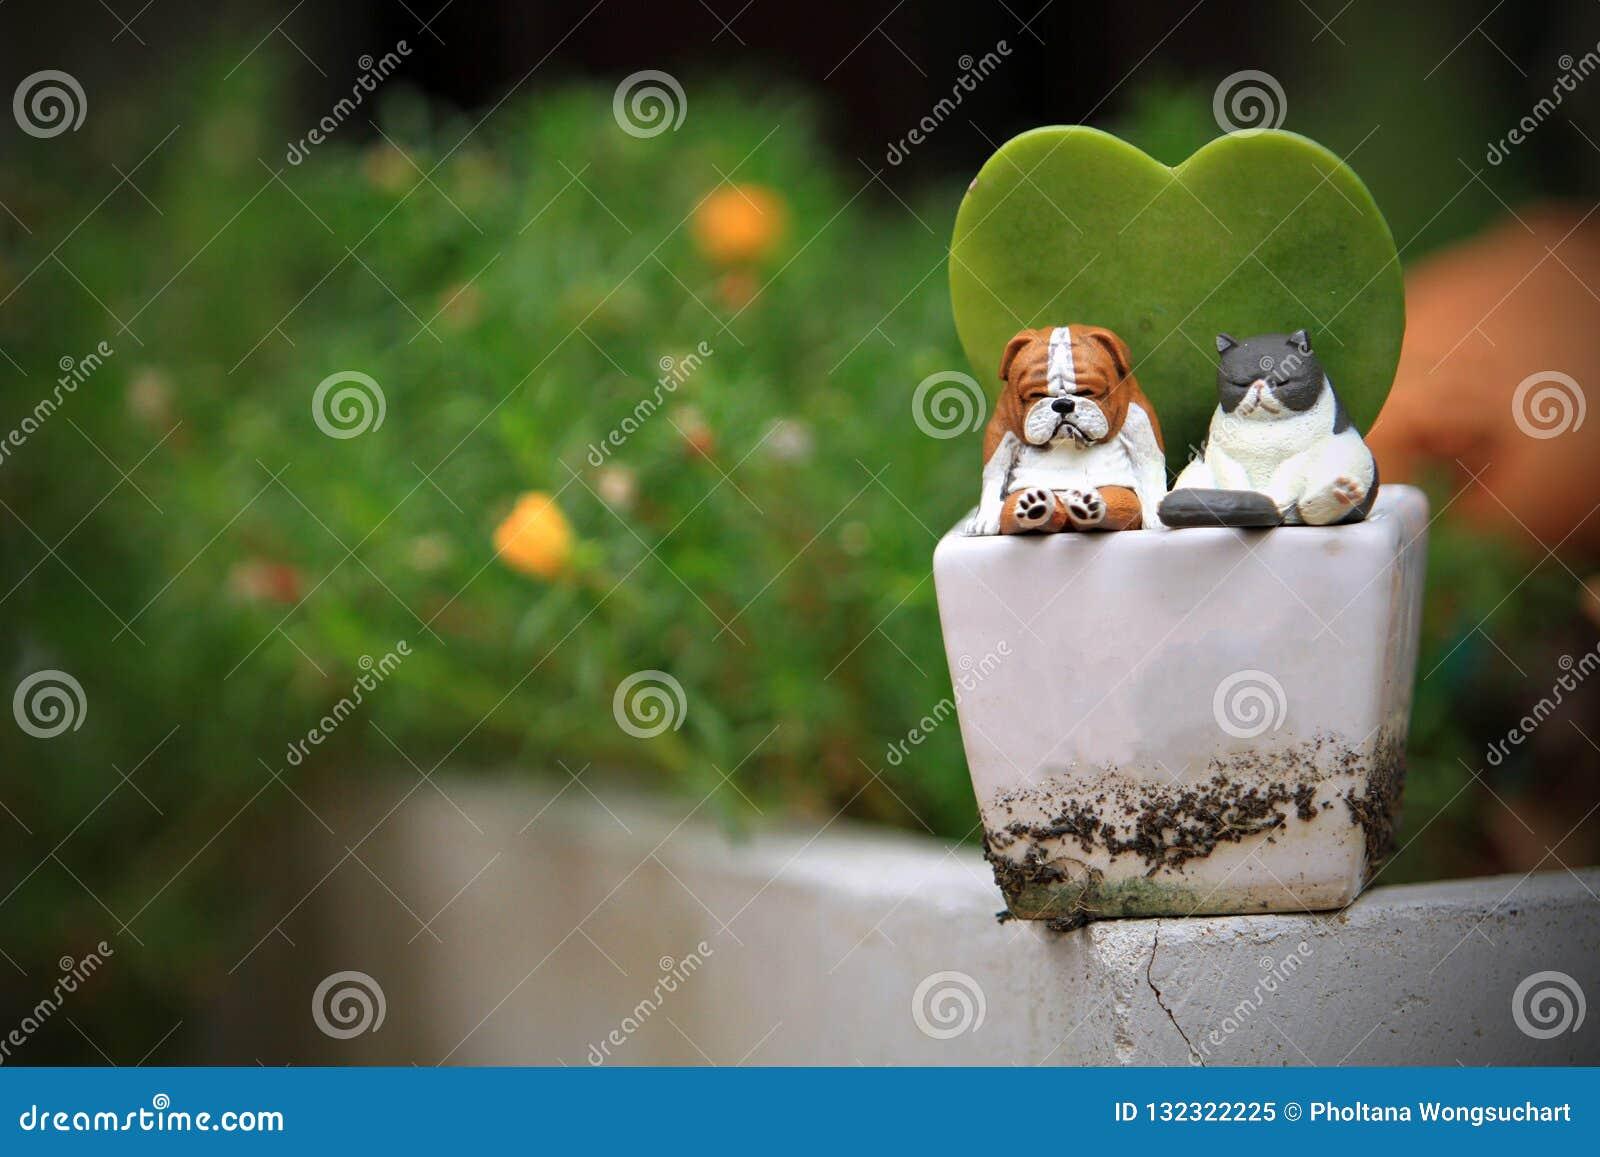 Kota i psa zabawki Na drzewnym garnku w ogródzie